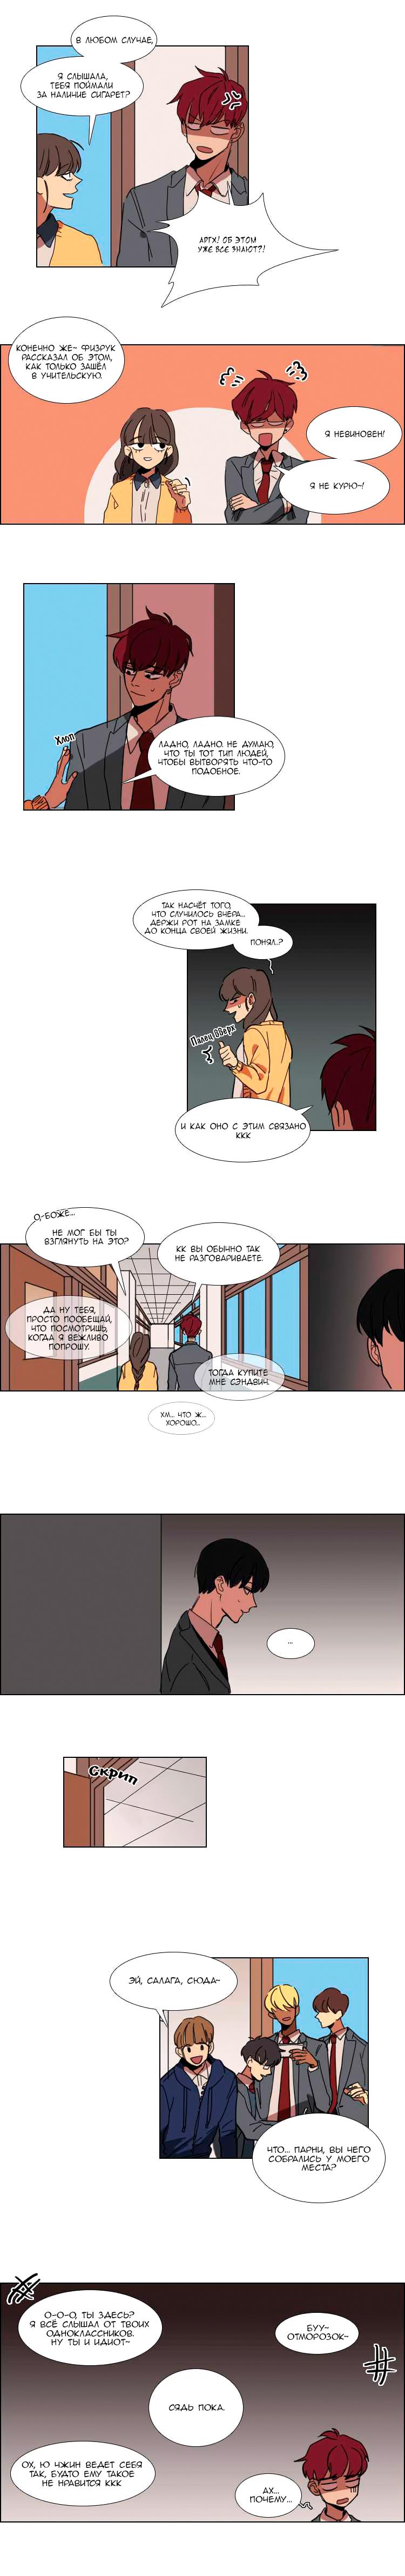 https://r2.ninemanga.com/comics/pic3/27/31131/1300420/1547379135804.png Page 2